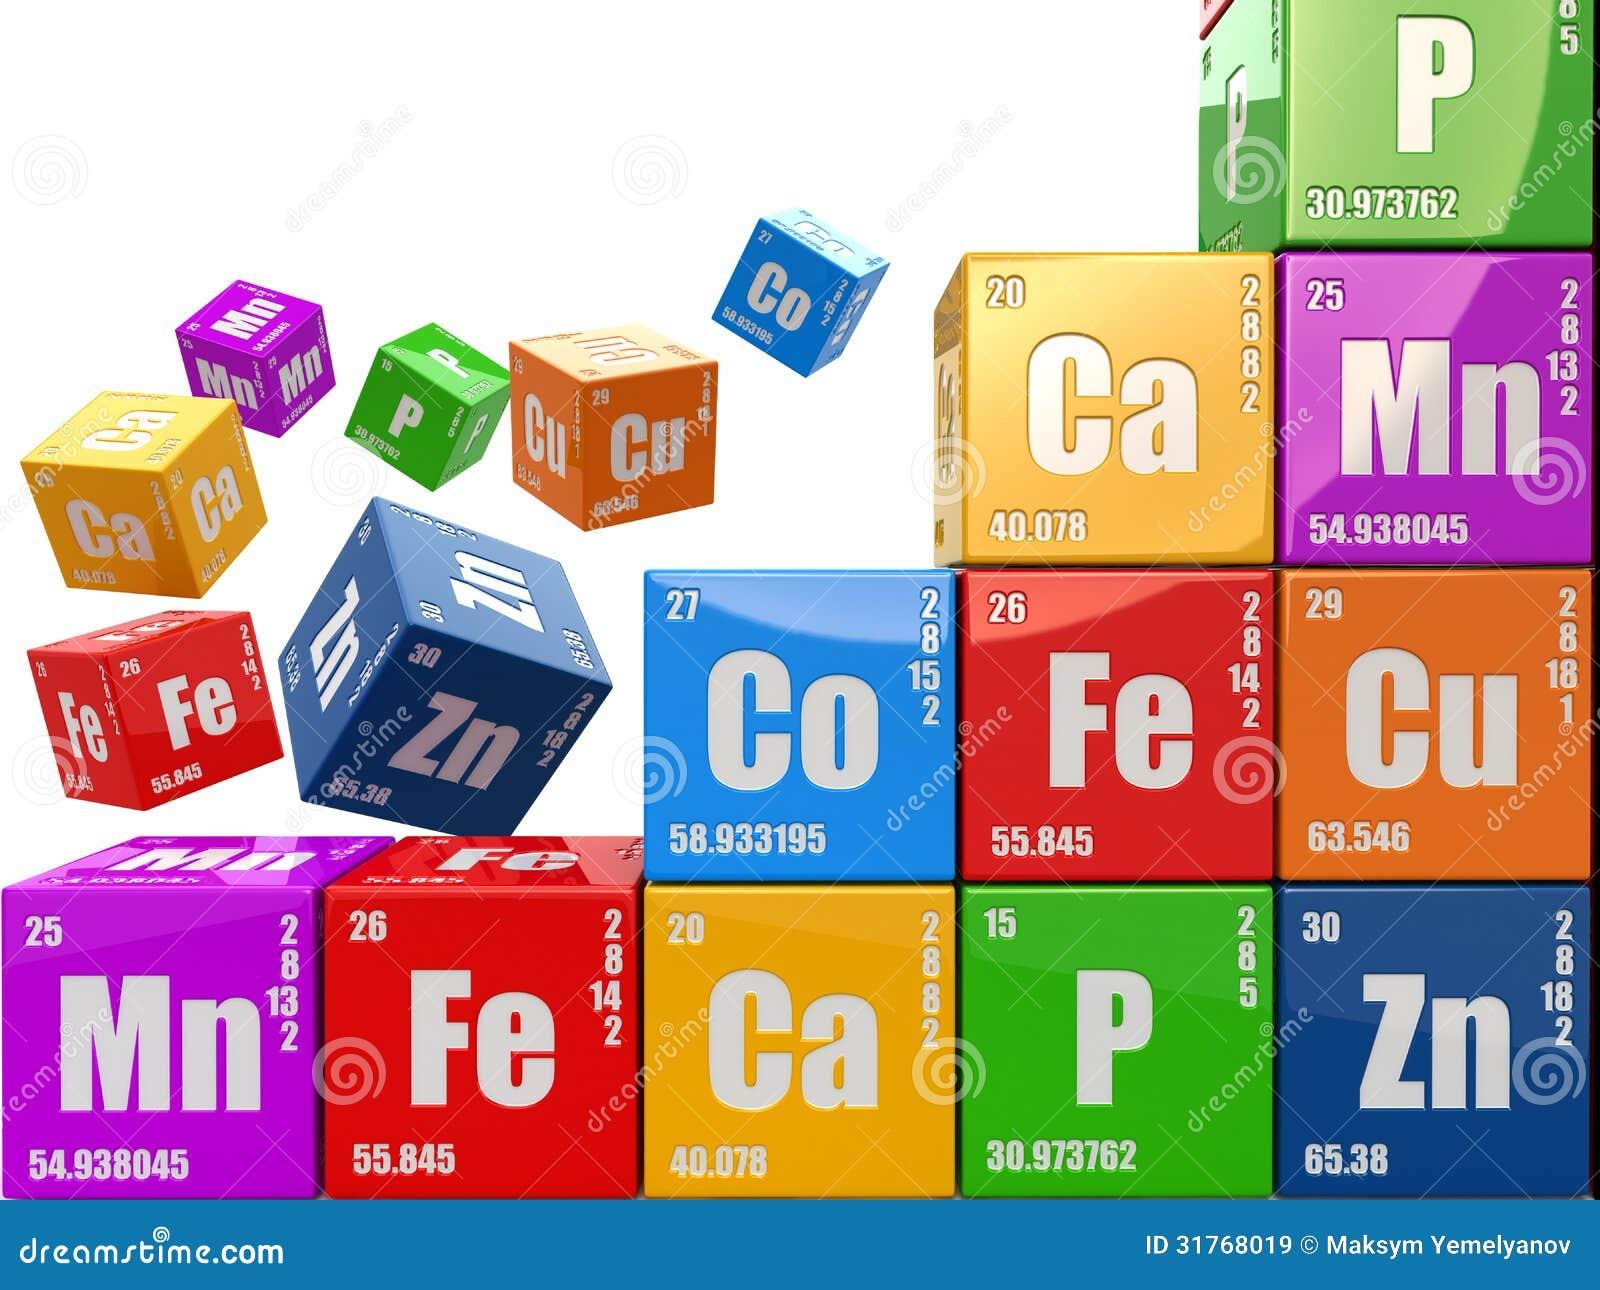 Concepto de la qumica emparede de la tabla peridica del wiyh de concepto de la qumica emparede de la tabla peridica del wiyh de los cubos de elemen urtaz Choice Image